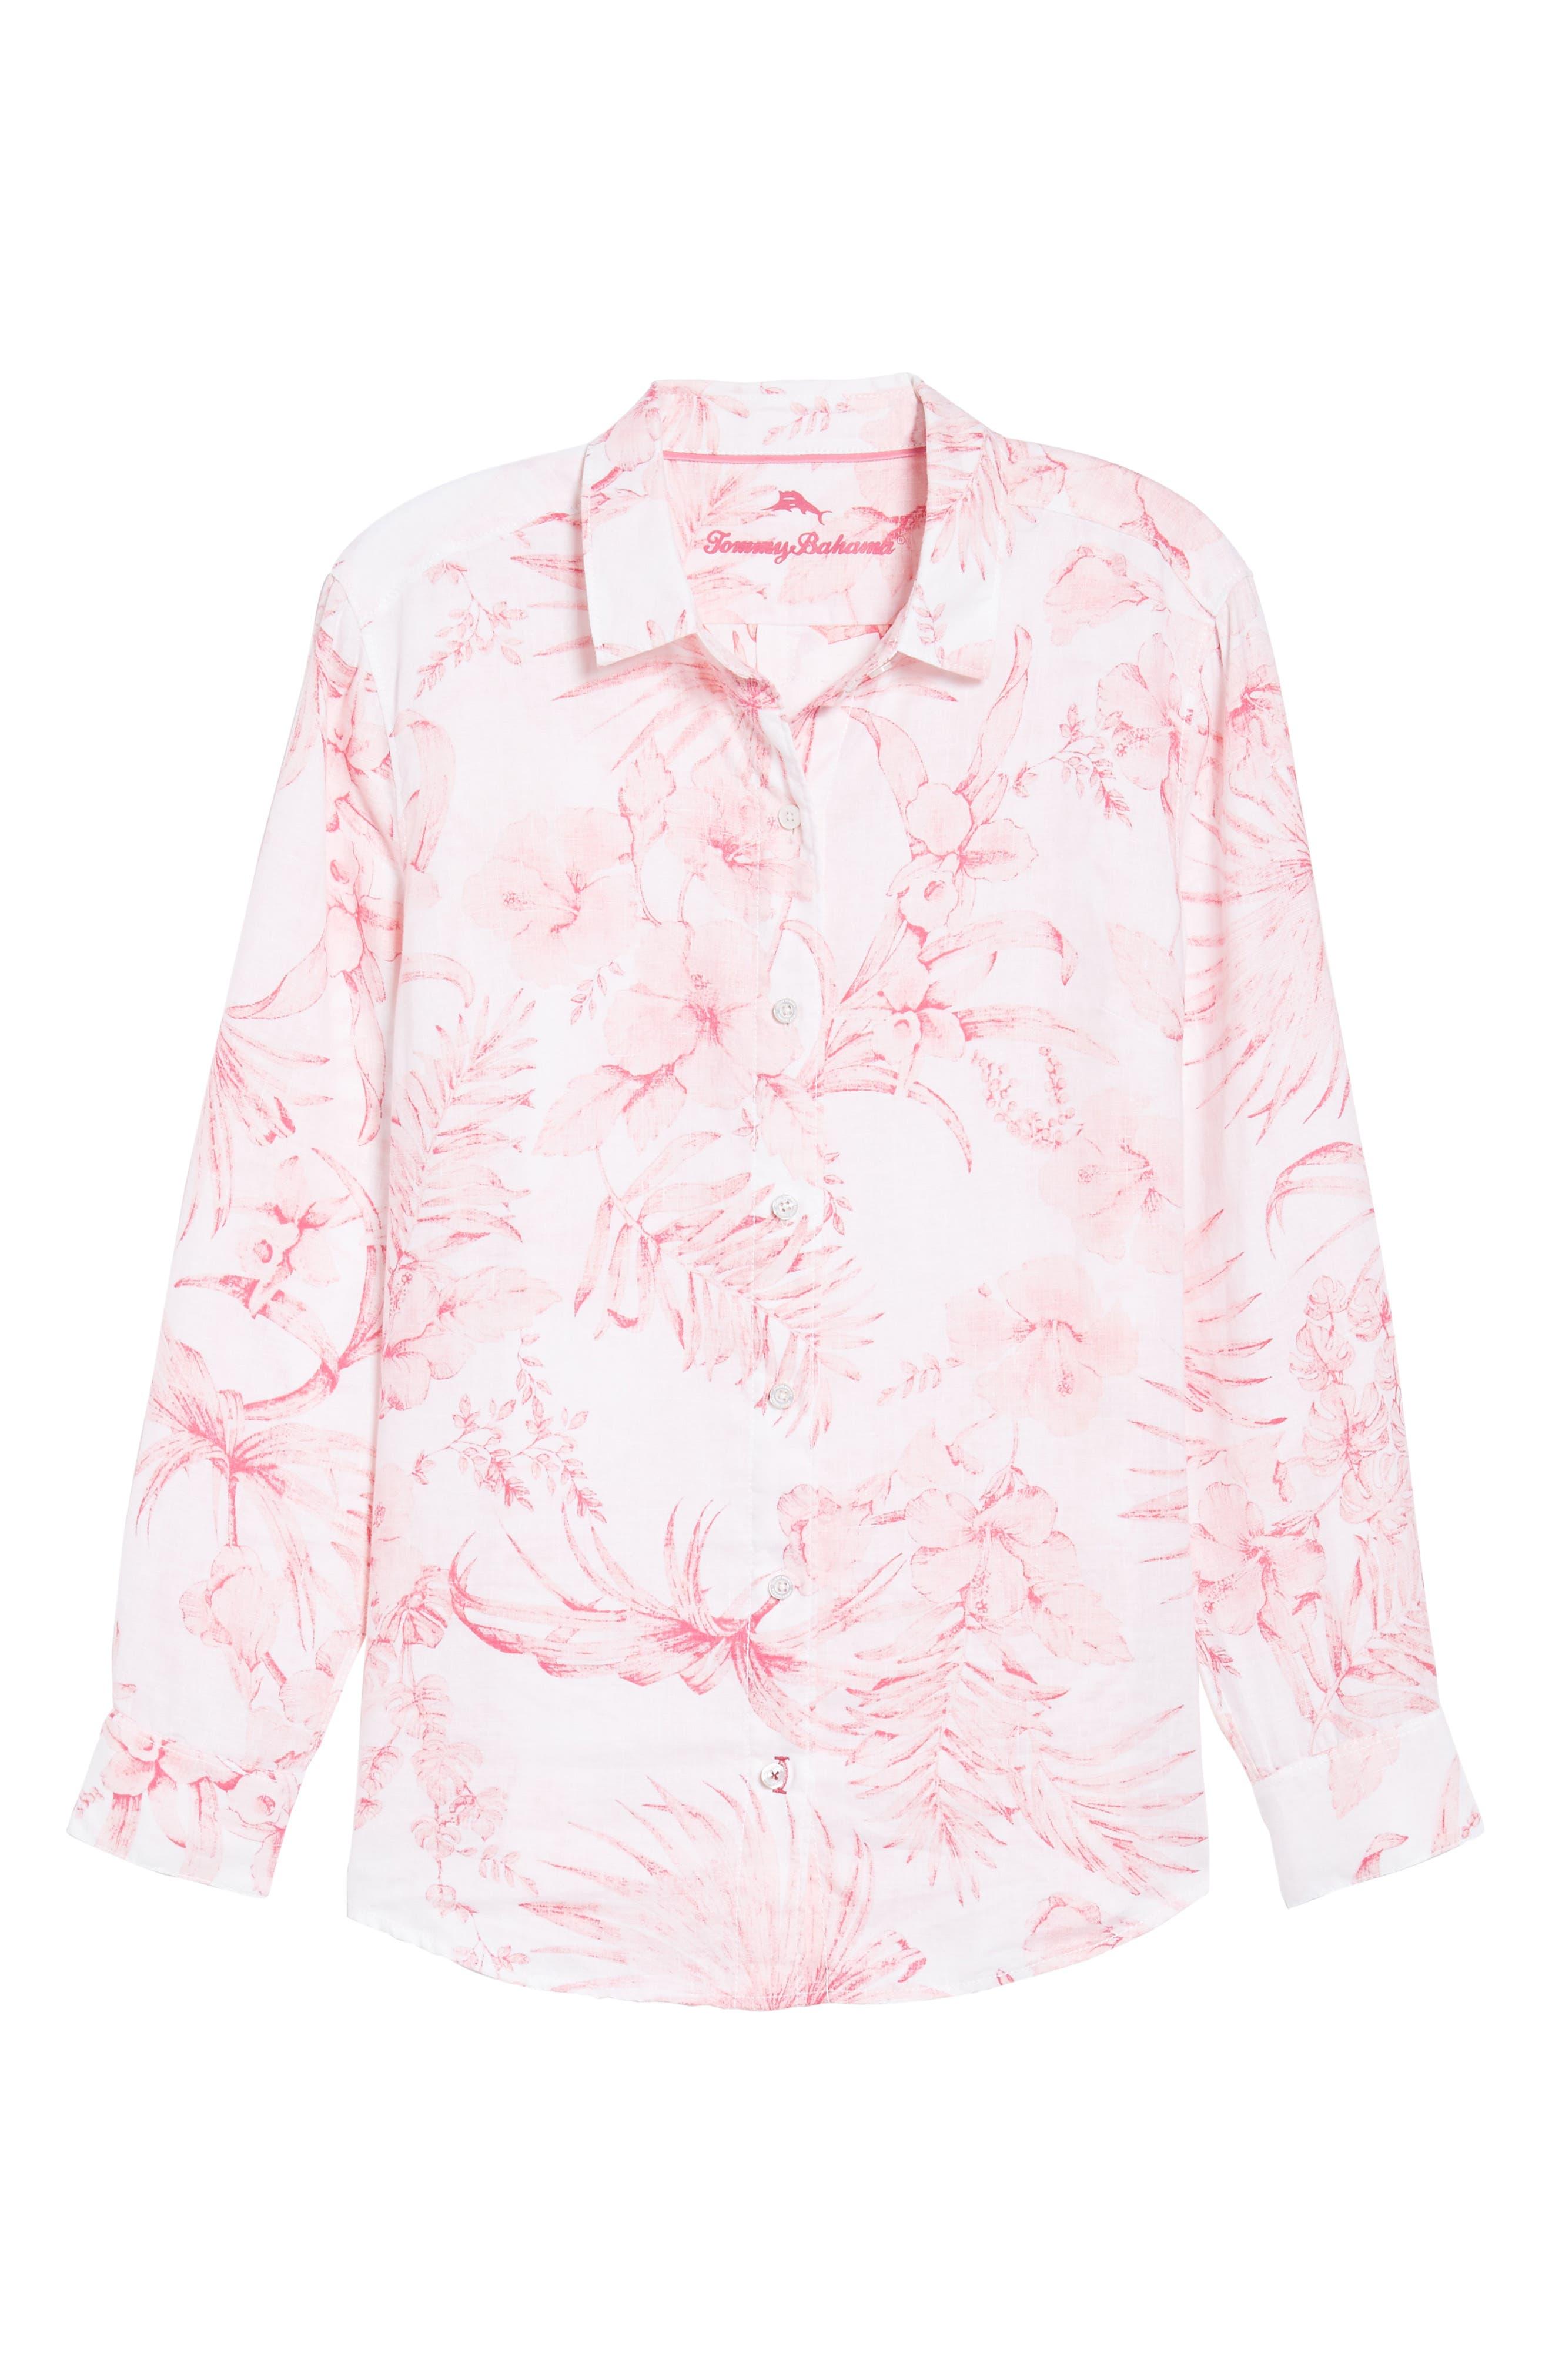 Tulum Tropical Linen Shirt,                             Alternate thumbnail 6, color,                             PINK LACE